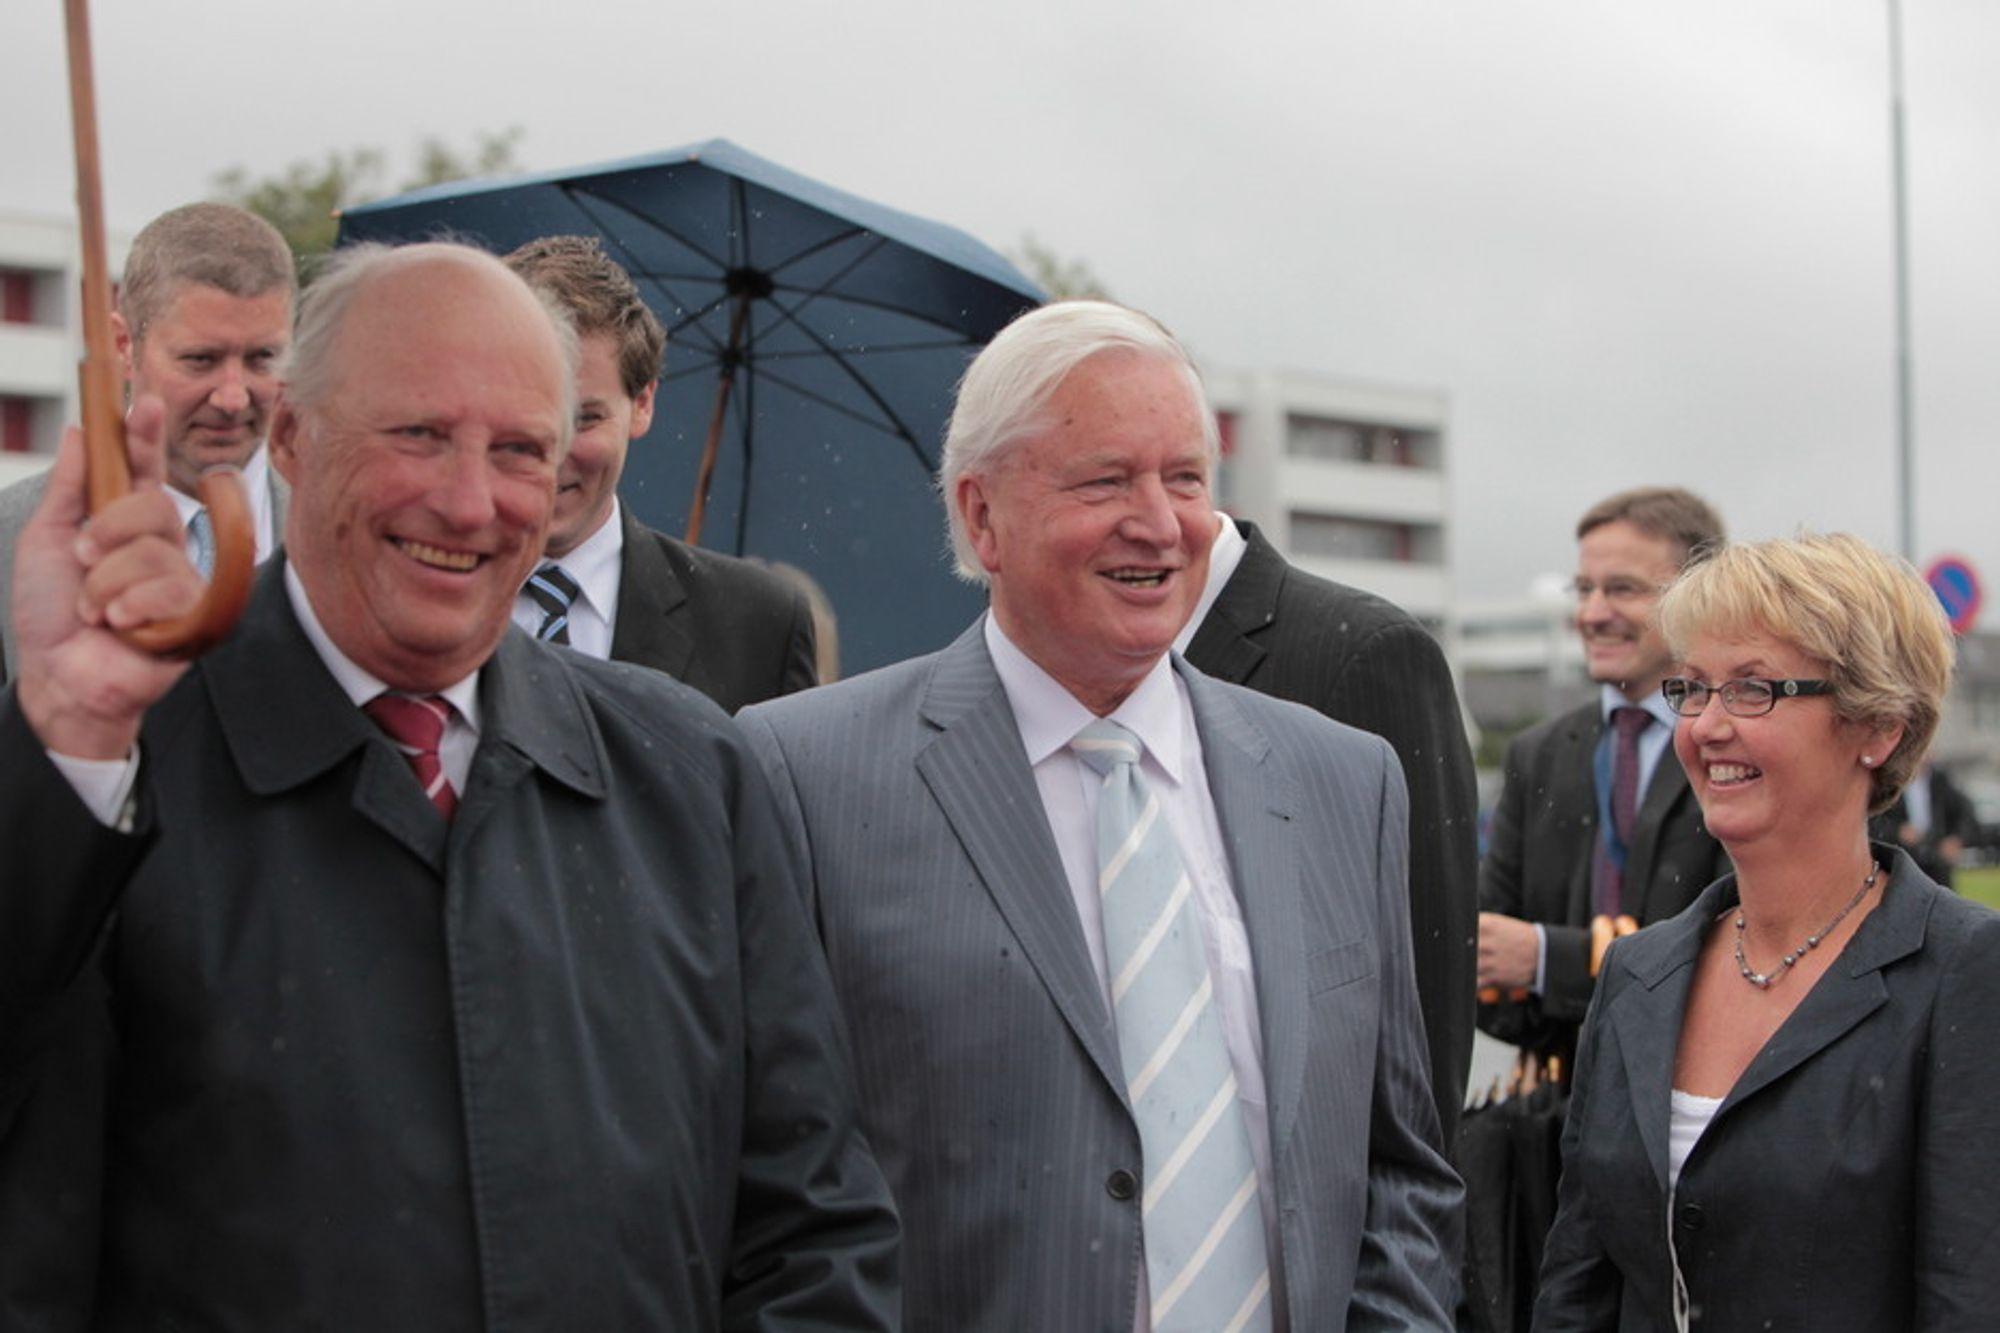 ABDISERER: Kjell Ursin-Smith abdiserer som Kongens følgesvenn under åpningen av ONS, siden han går av for aldersgensen i 2012. Snart er det klart hvem som følger eter som ny ONS-general.